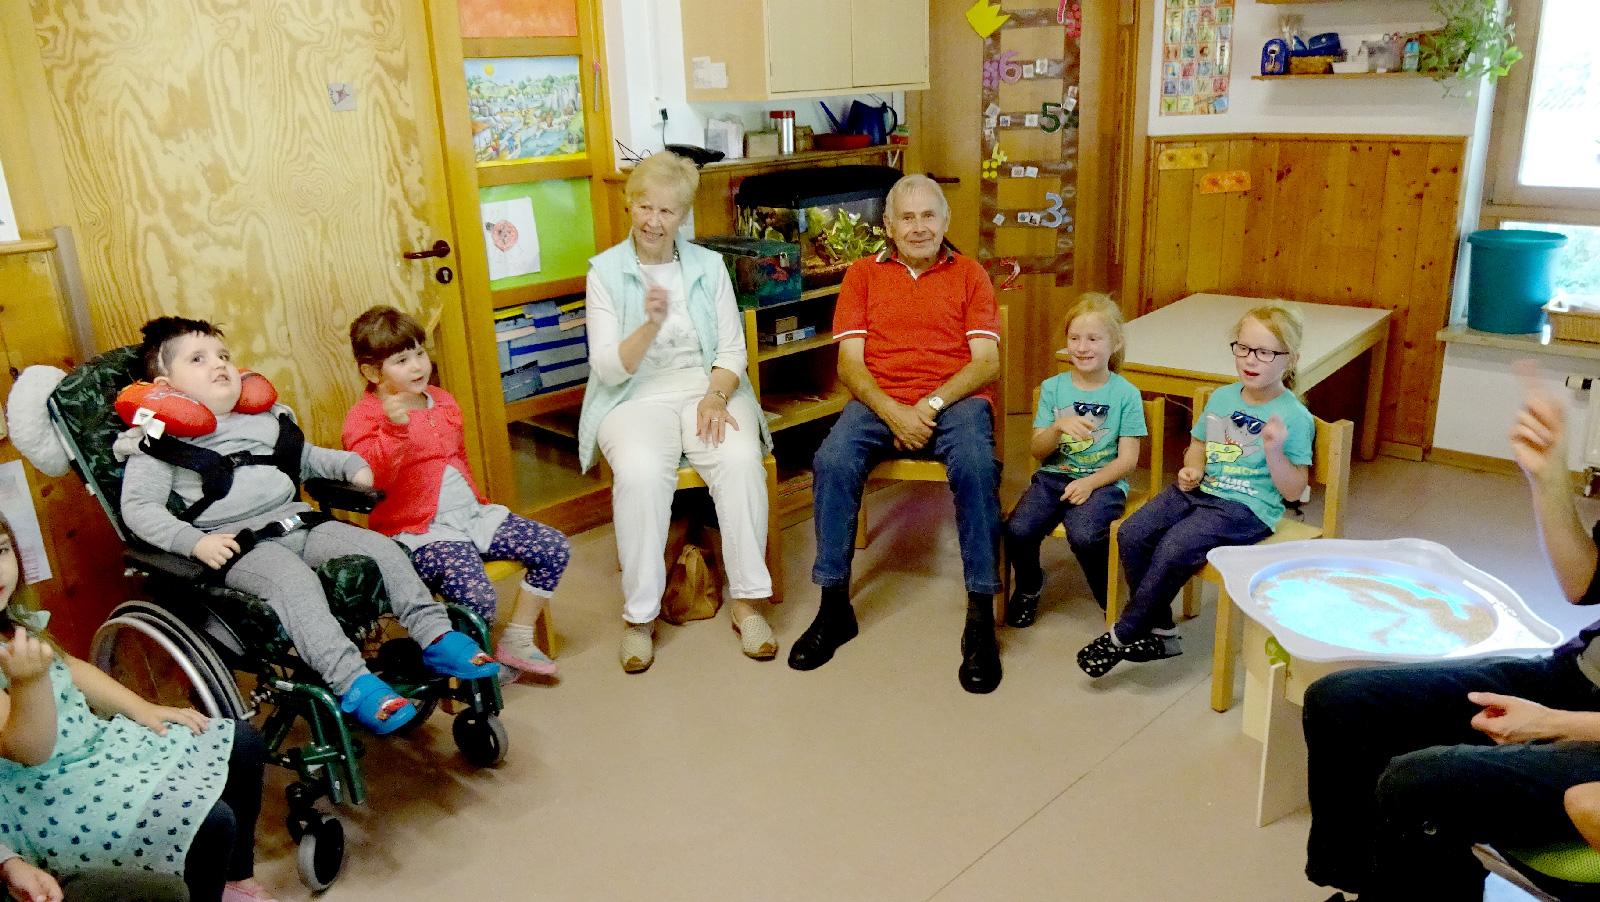 Statt Geschenke wünschte sich Jubilar Xaver Ehrnsberger (Bildmitte mit Ehefrau) zu seinem Achtzigsten einen Obolus für die Lebenshilfe-Kita in Hersbruck.